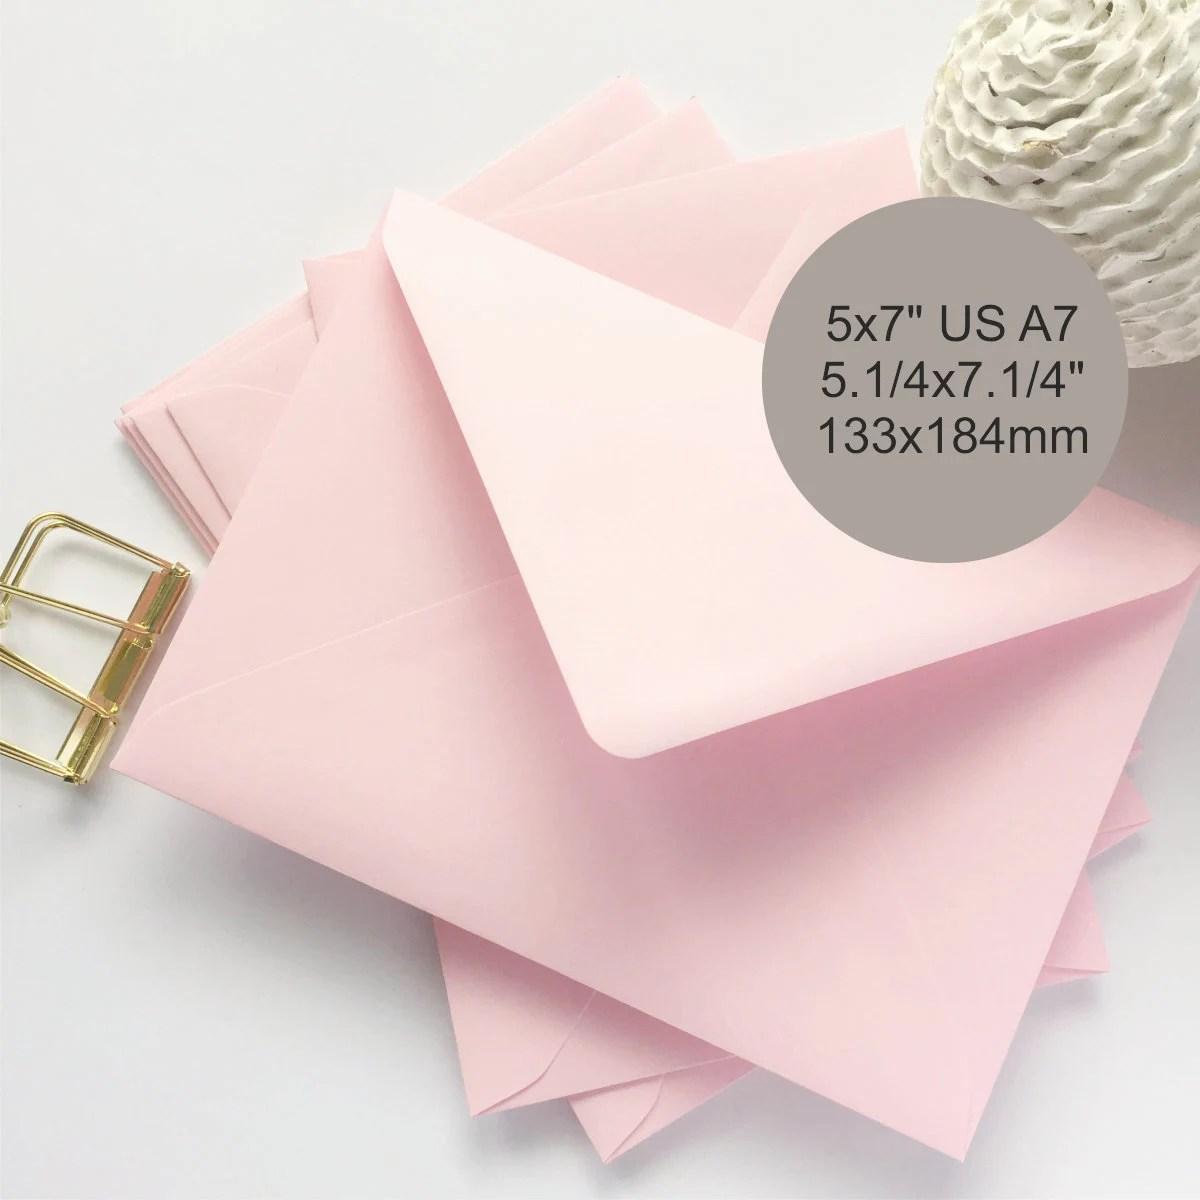 5x7 envelopes etsy